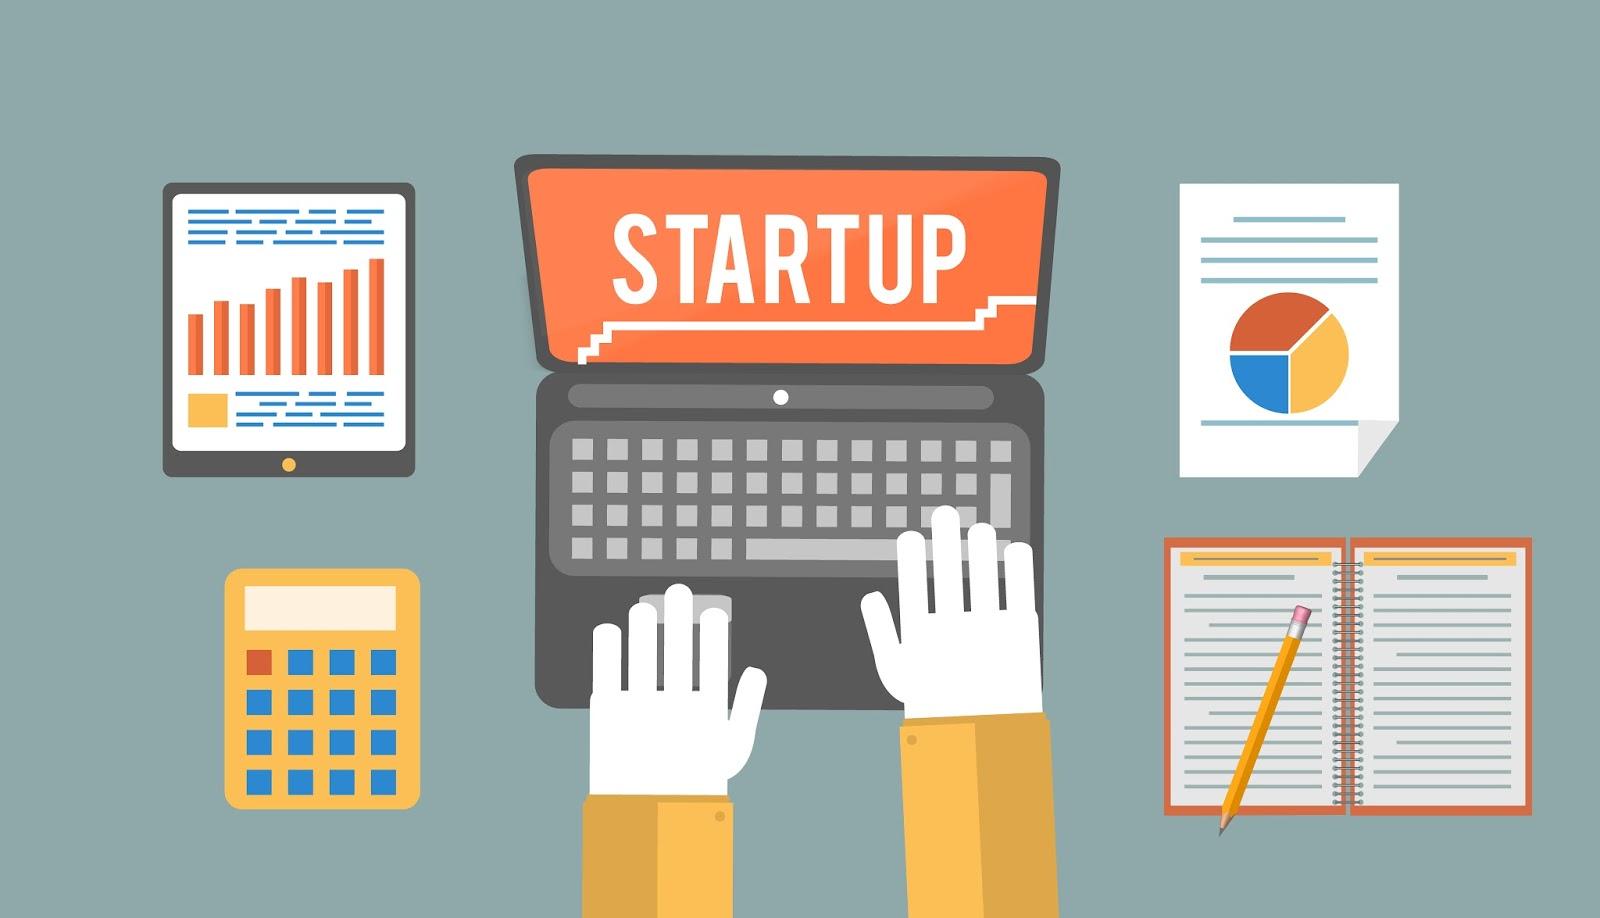 Як виділяються стартапи в IT та WEB